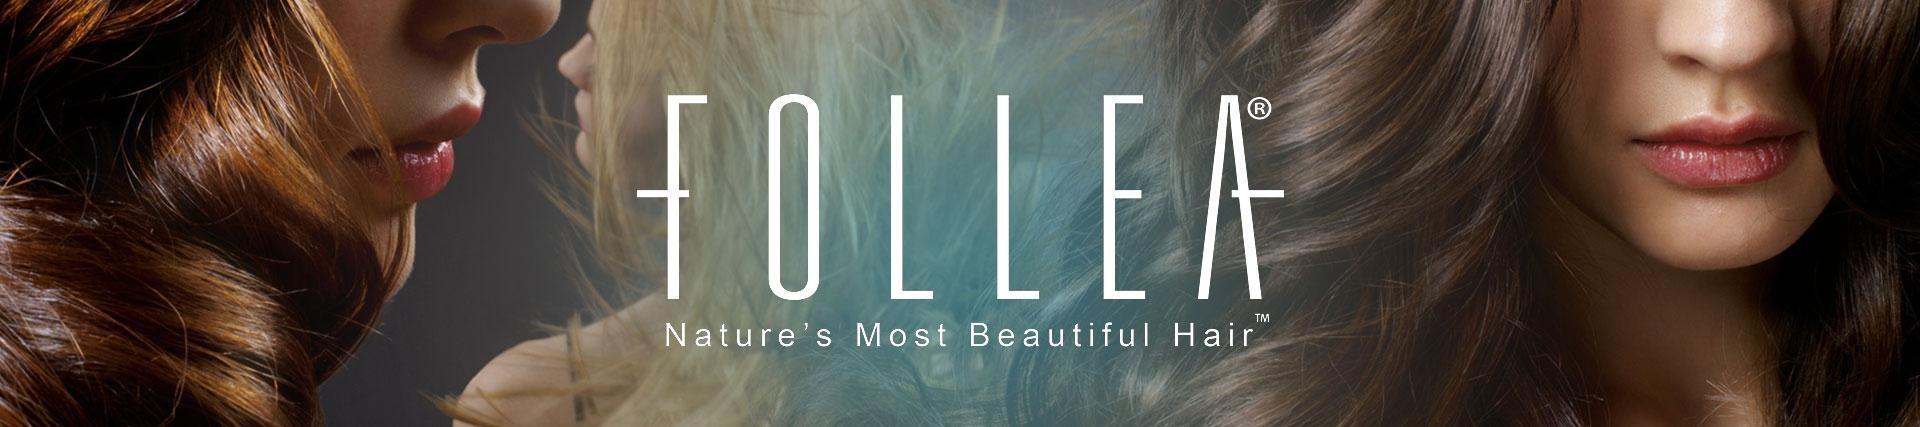 Follea, nature`s most beautifull hair